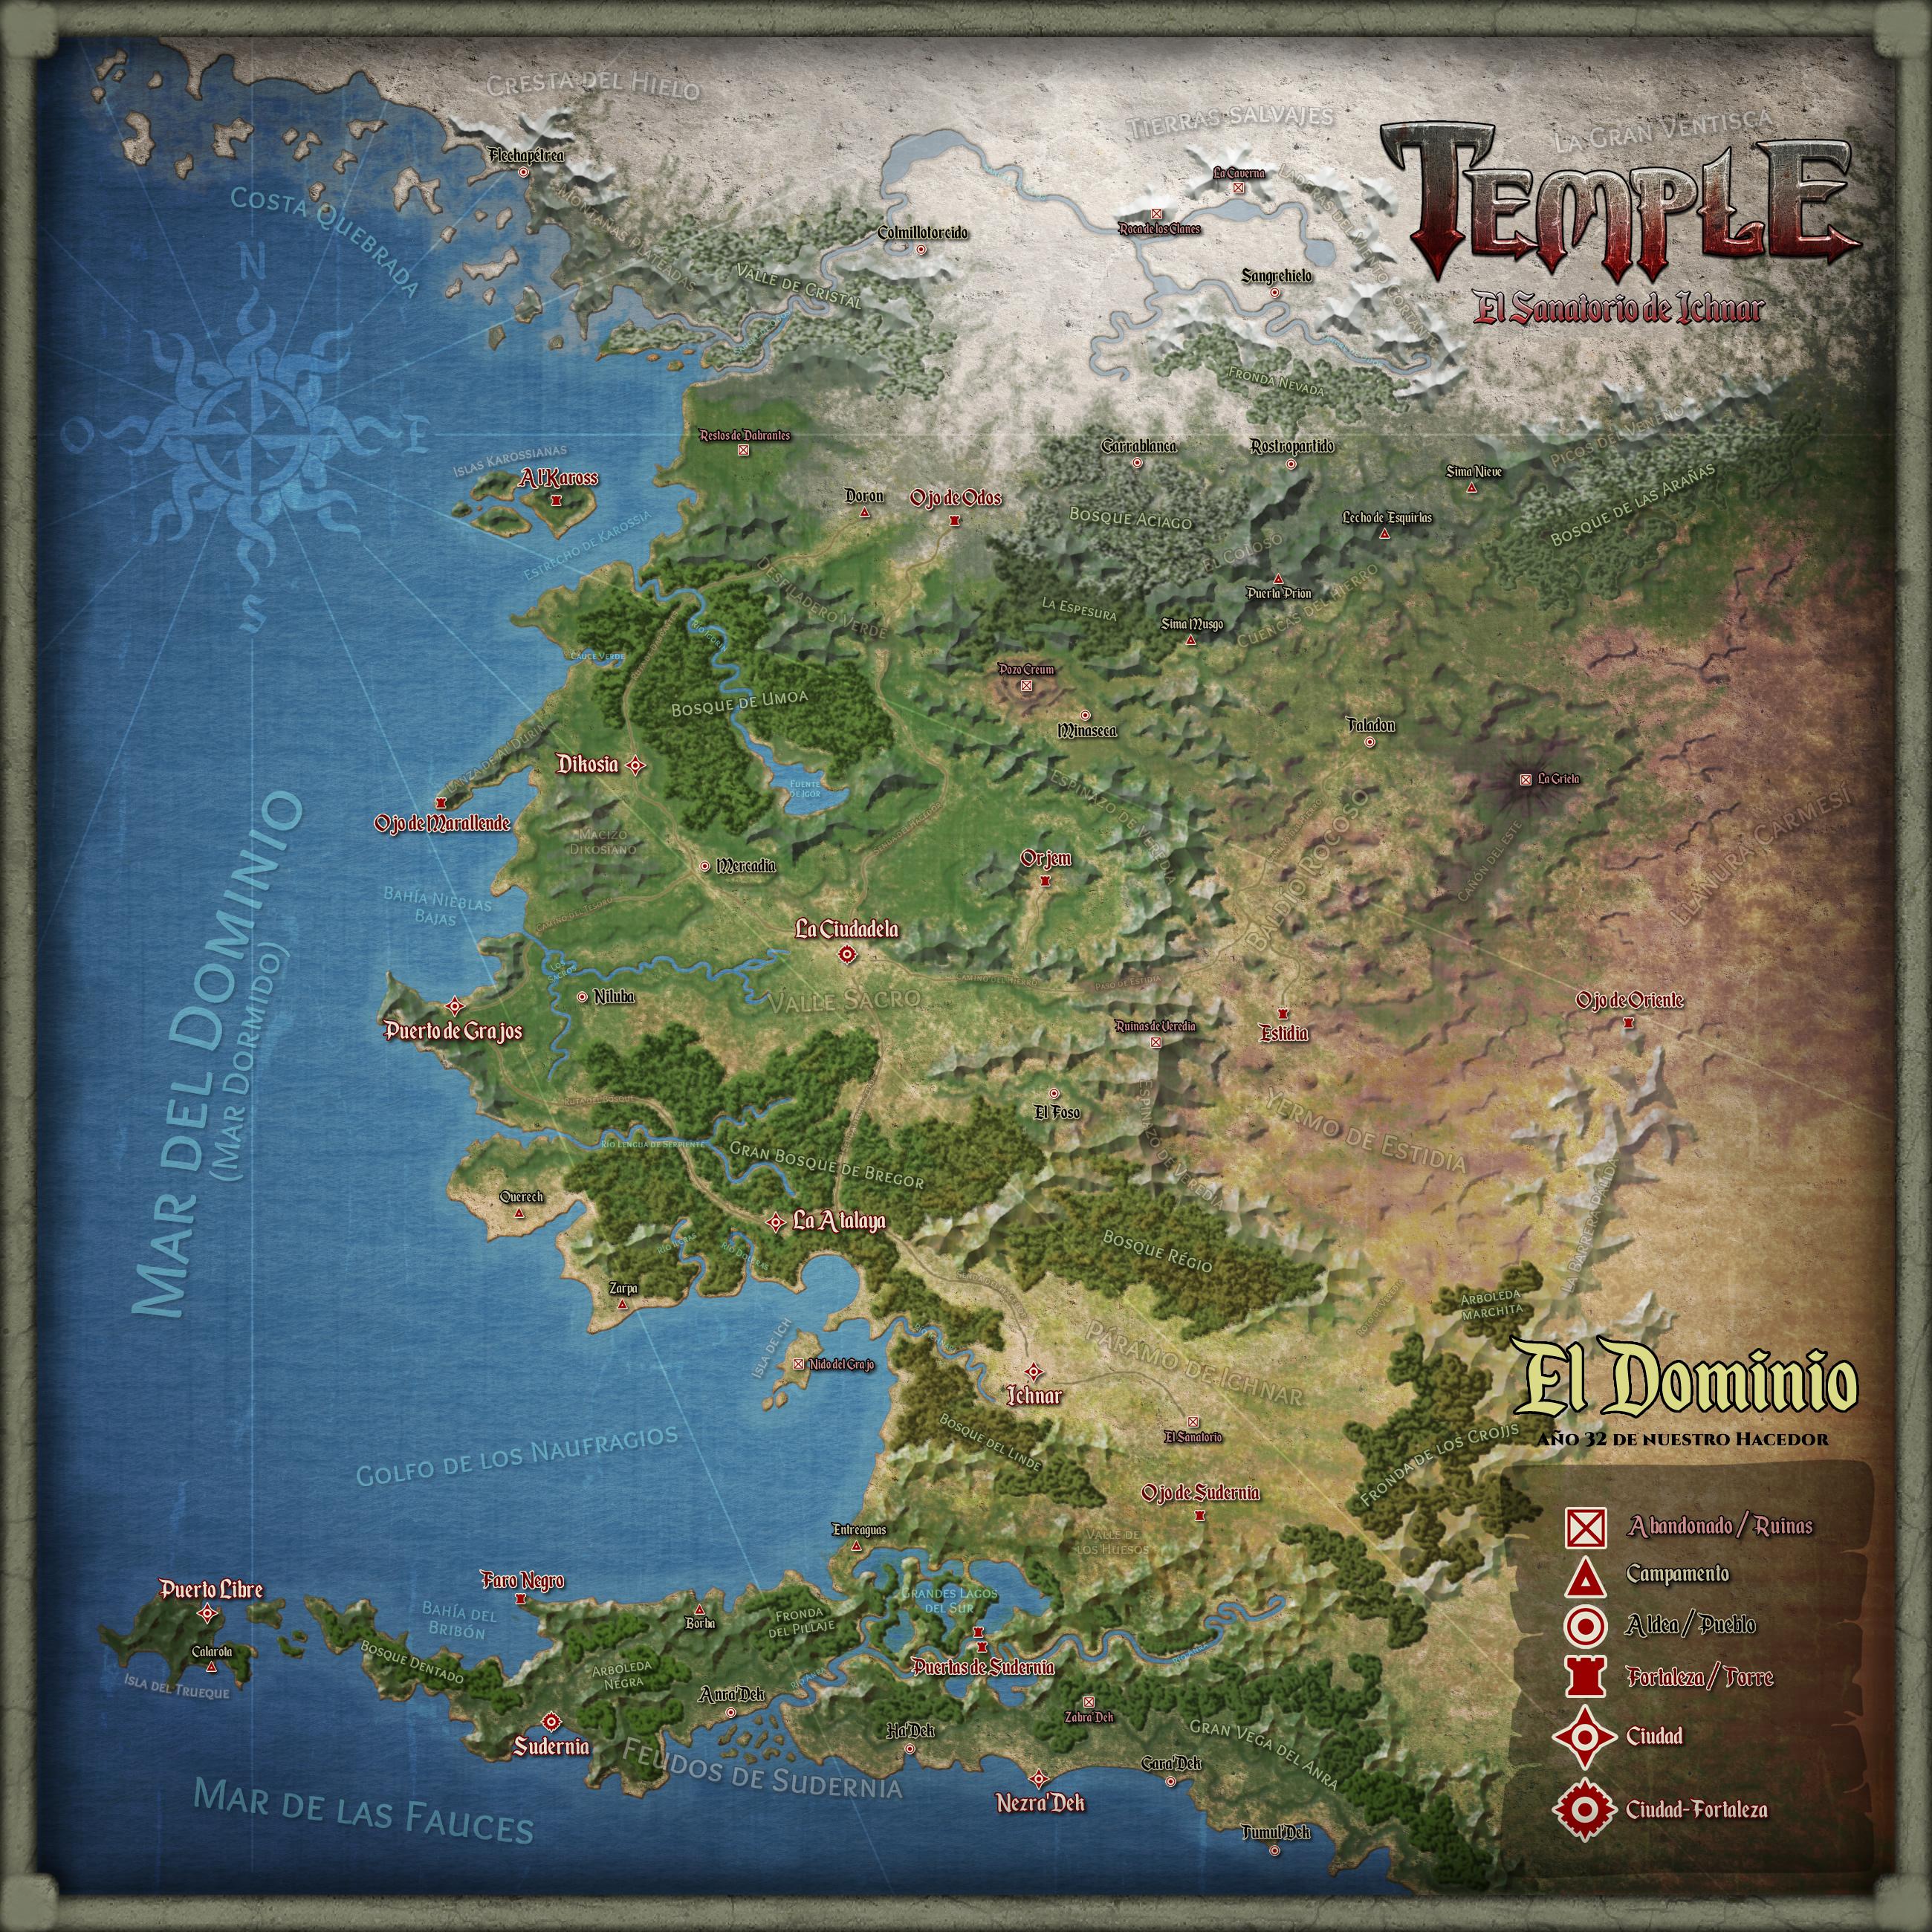 Mapa de El Dominio